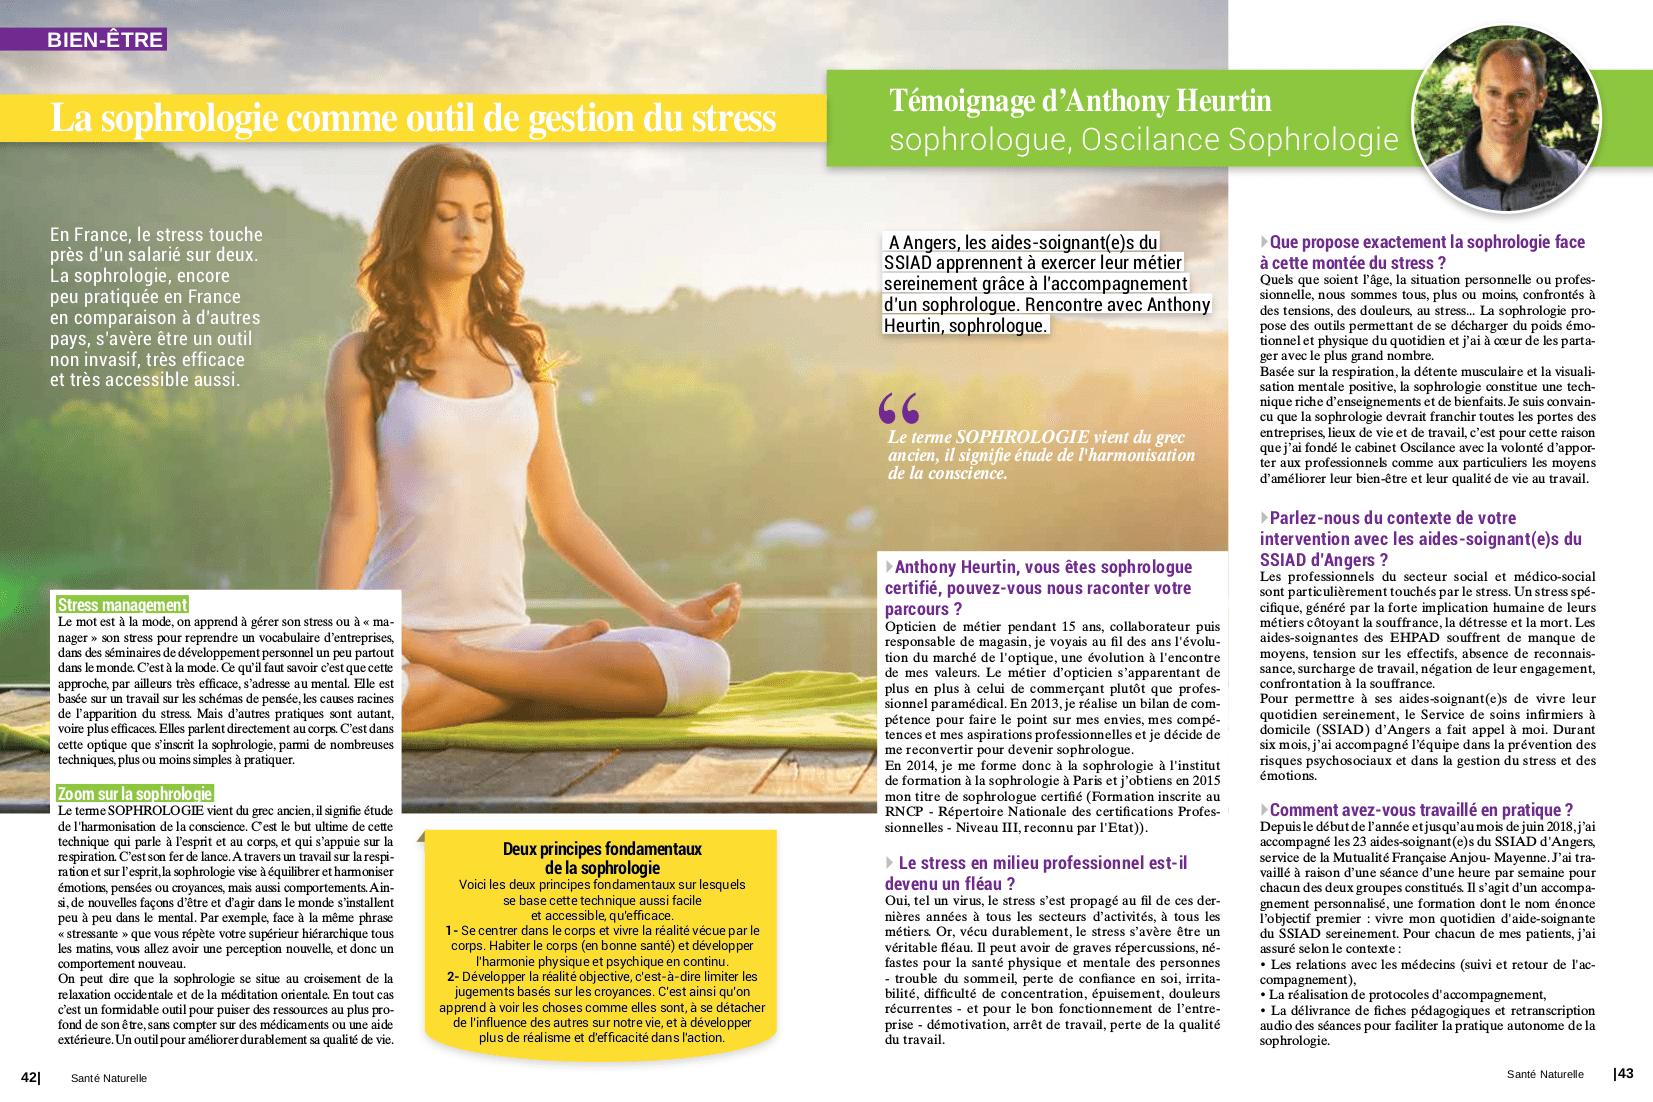 Article-Santé-Naturelle-Magazine-64-article-stress-sophrologie-aides-soigantes-sophrologue-entreprise-angers-prevention-risques-psychosociaux-oscilance-Anthony-Heurtin